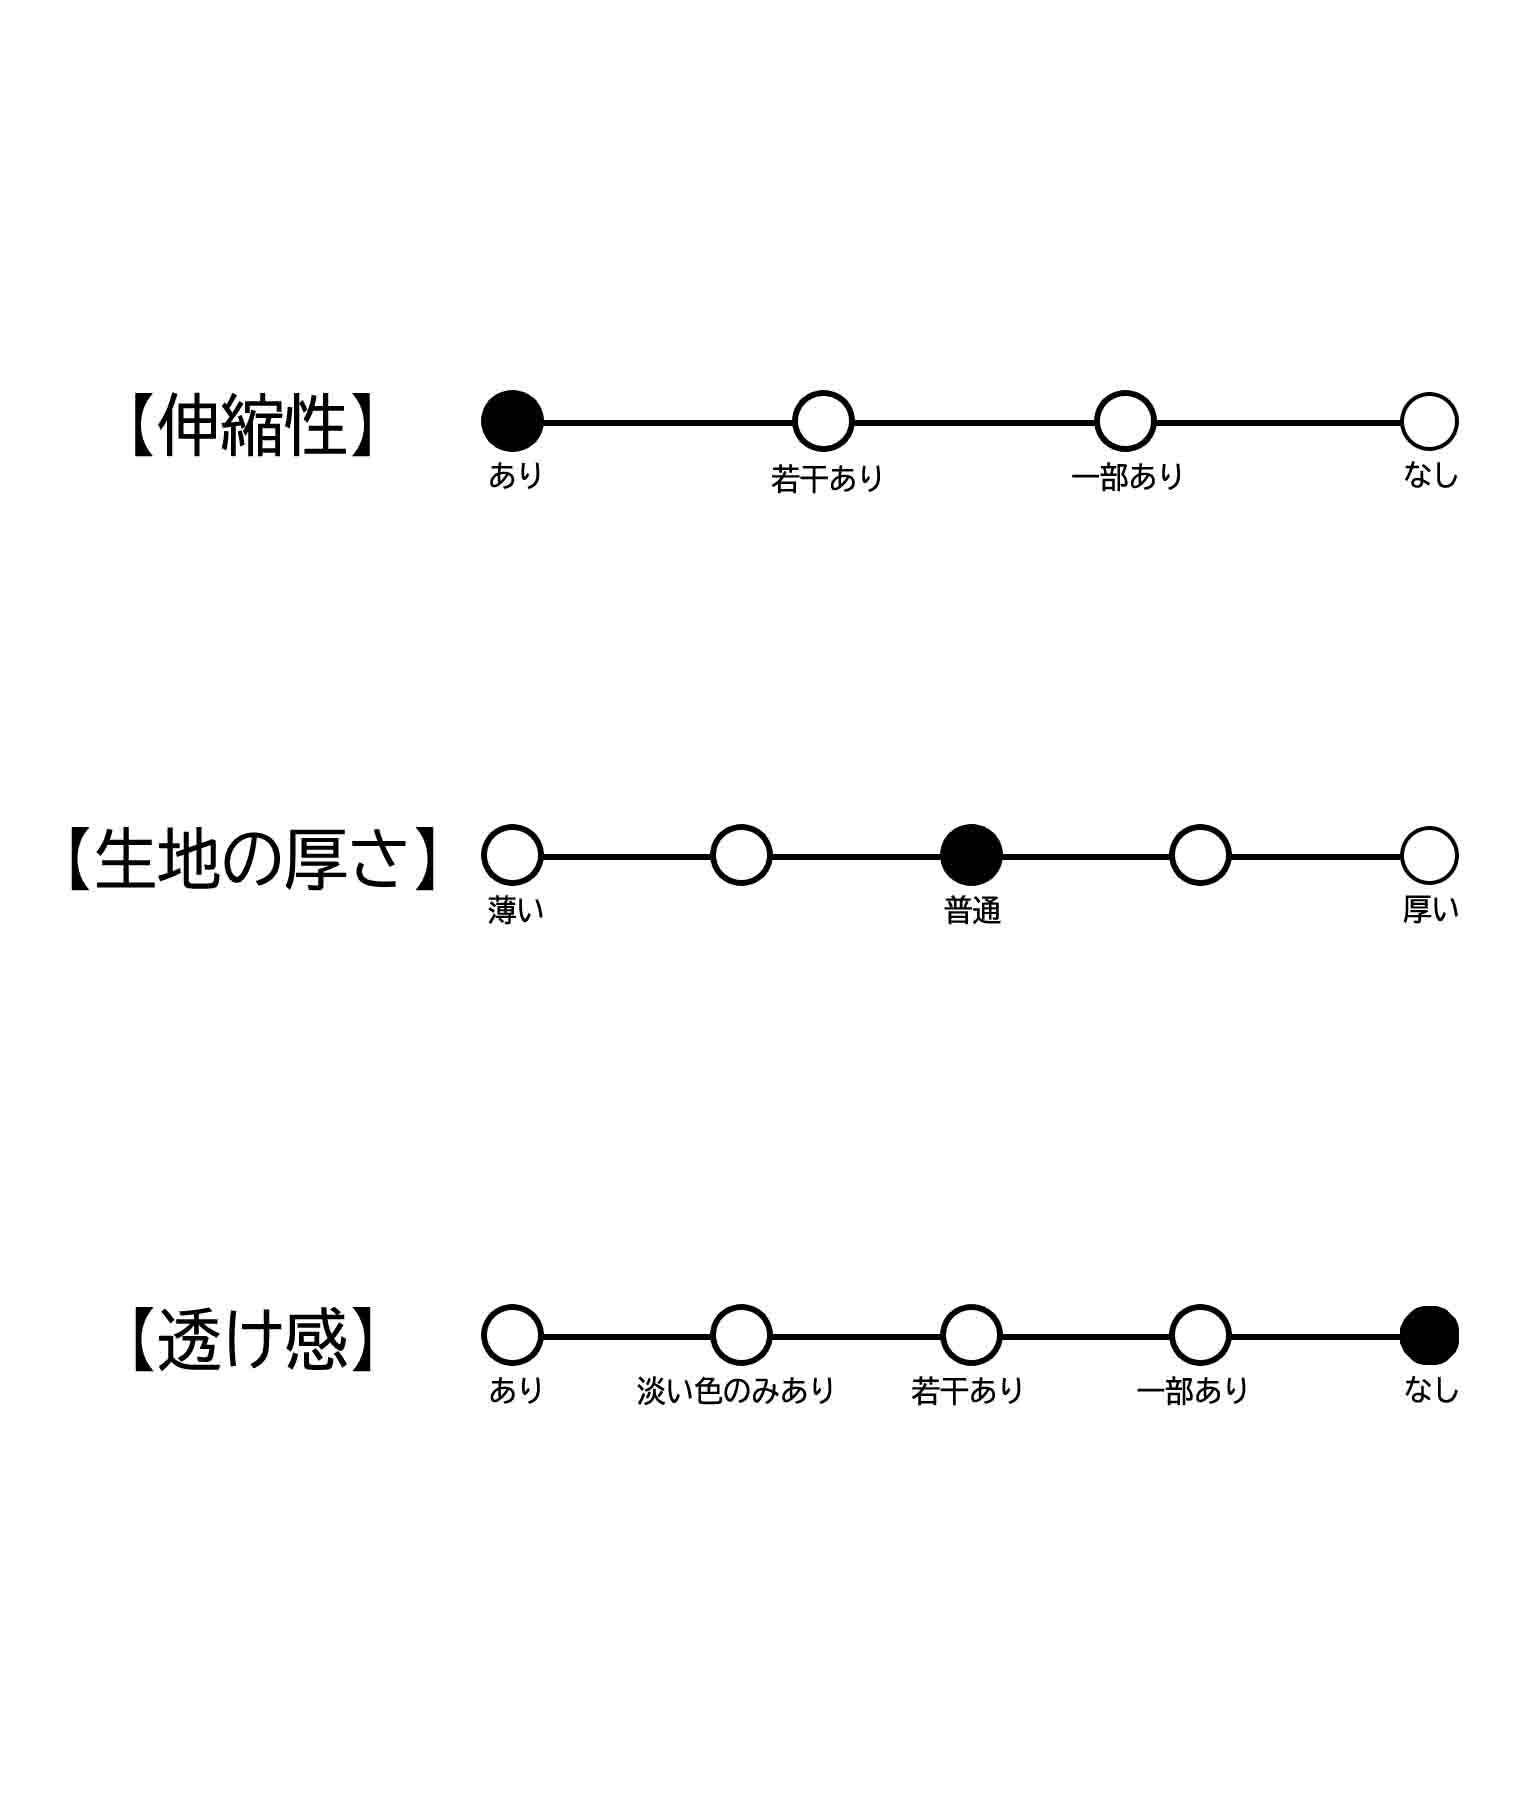 クリアワッペンポイントパーカー(アウター(コート・ジャケット) /パーカー) | ANAP KIDS